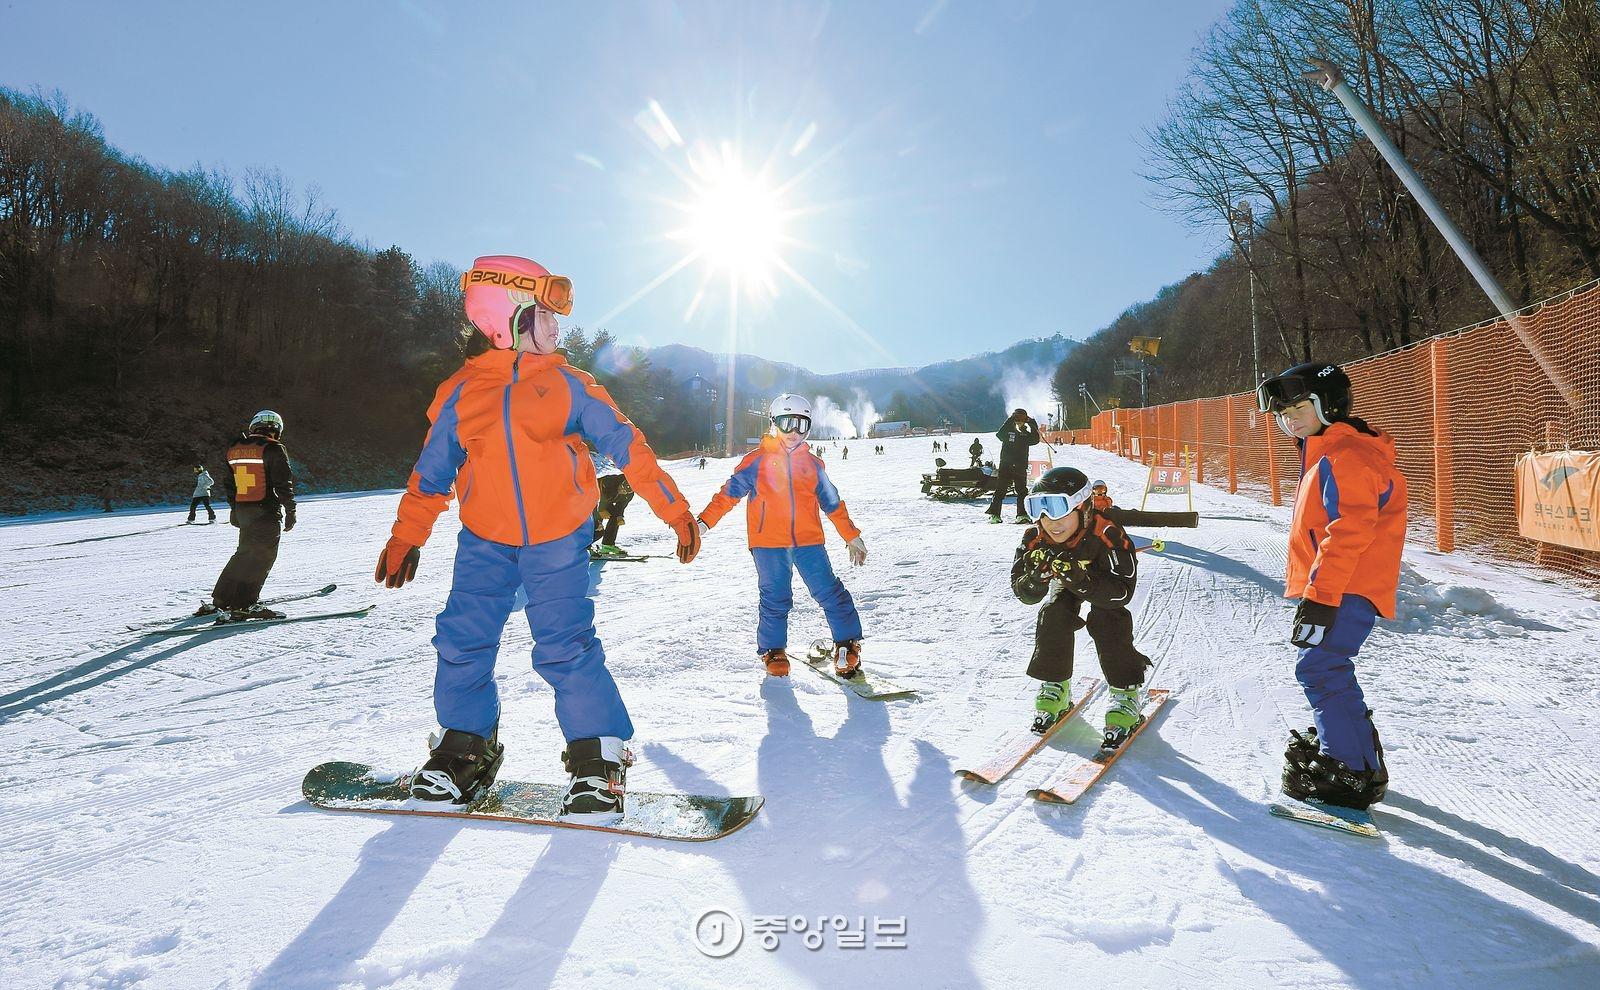 강원도 평창 휘닉스 스노우파크는 어린이들이 겨울올림픽 코스의 재미를 느낄 수 있도록 '어린이 전용 미니 올림픽 파크'를 만들었다.